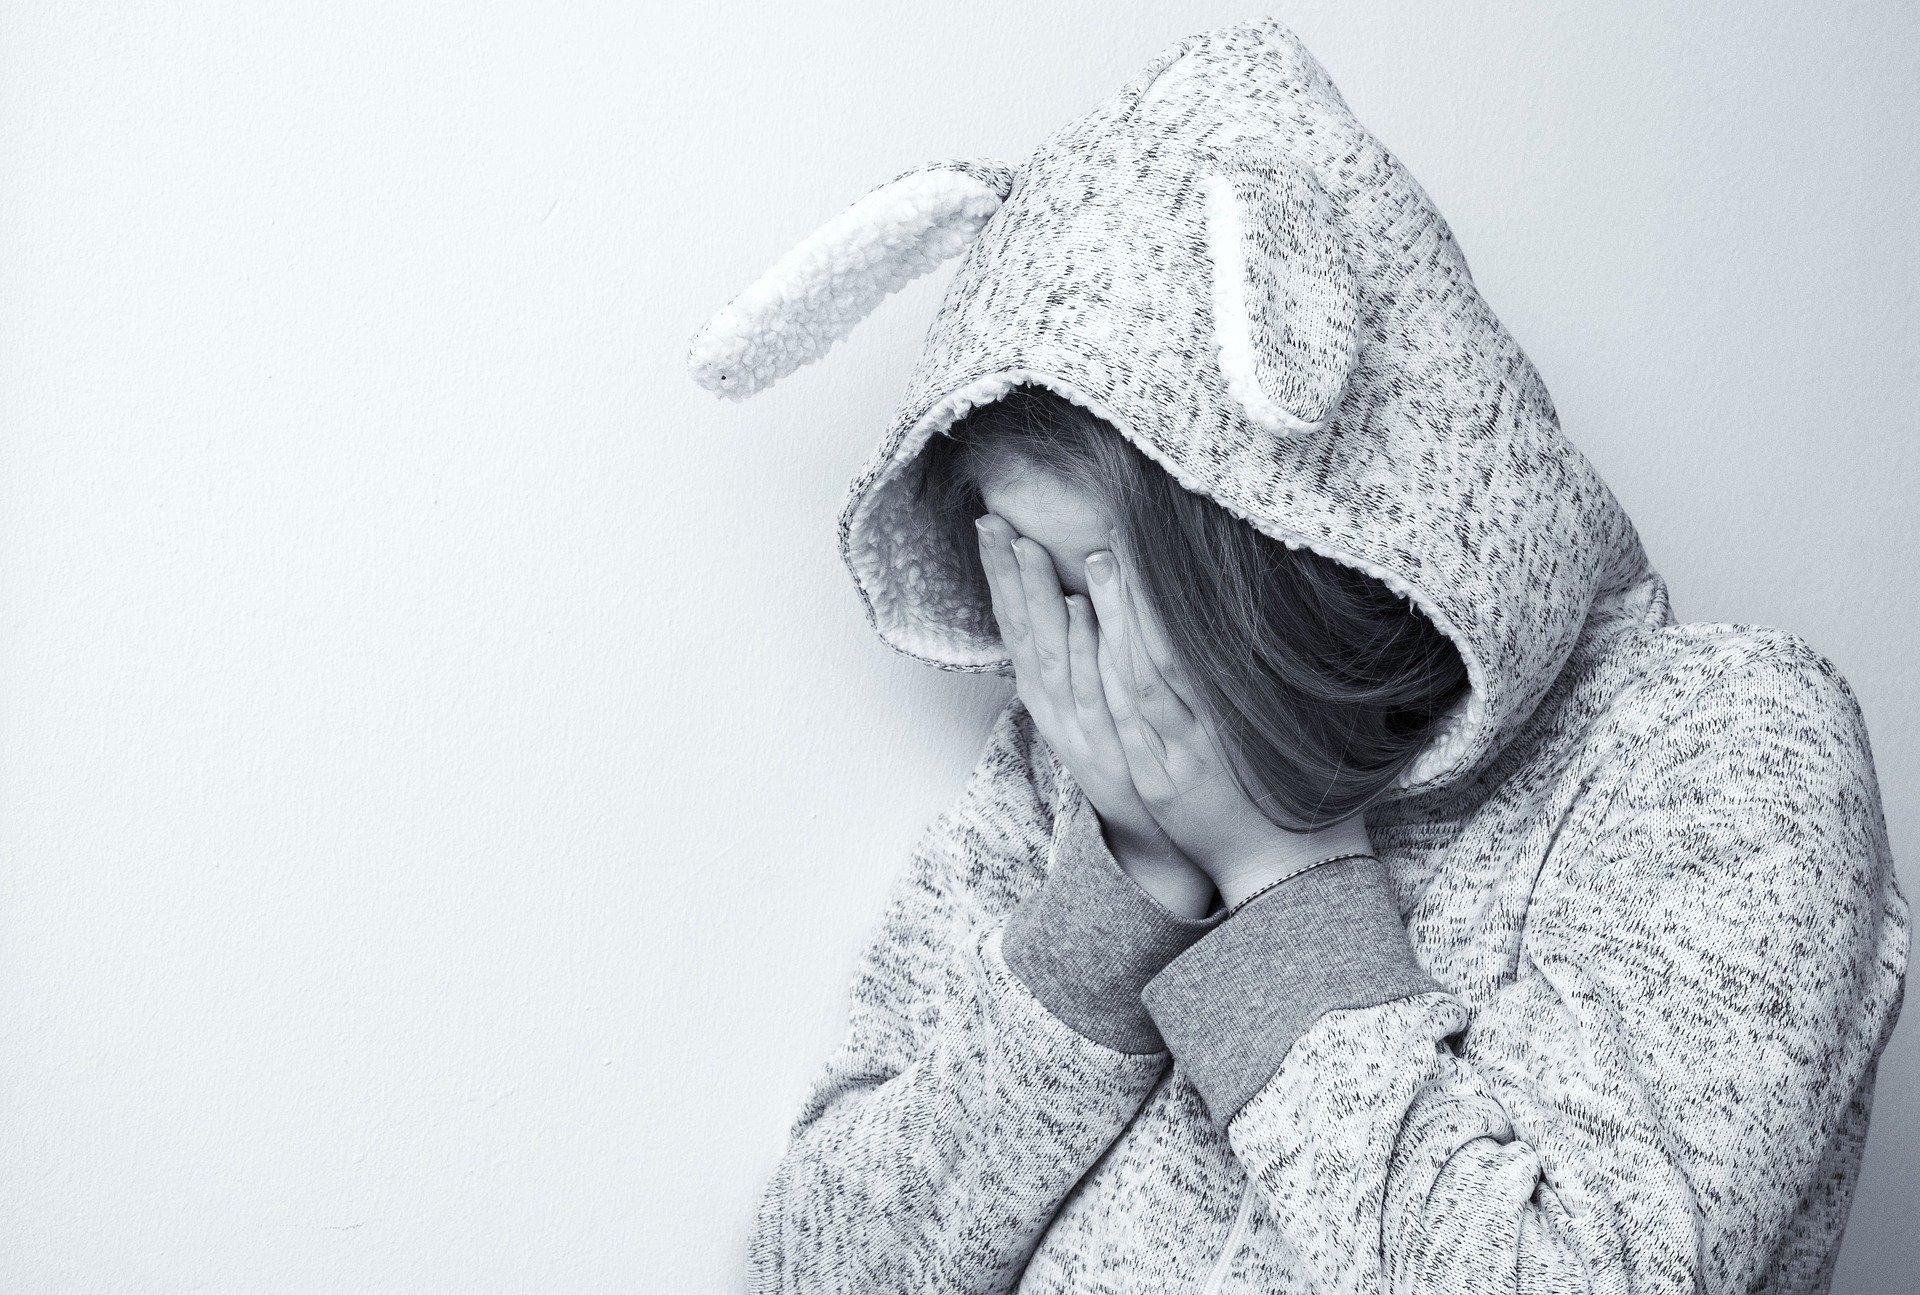 """Na imagem, uma pessoa com as mãos tampando o rosto, mostrando tristeza profunda. A pessoa usa uma roupa de pelúcia, com touca de orelhas compridas. Imagem de <a href=""""https://pixabay.com/pt/users/anemone123-2637160/?utm_source=link-attribution&utm_medium=referral&utm_campaign=image&utm_content=2048905"""">Anemone123</a> por <a href=""""https://pixabay.com/pt/?utm_source=link-attribution&utm_medium=referral&utm_campaign=image&utm_content=2048905"""">Pixabay</a>"""